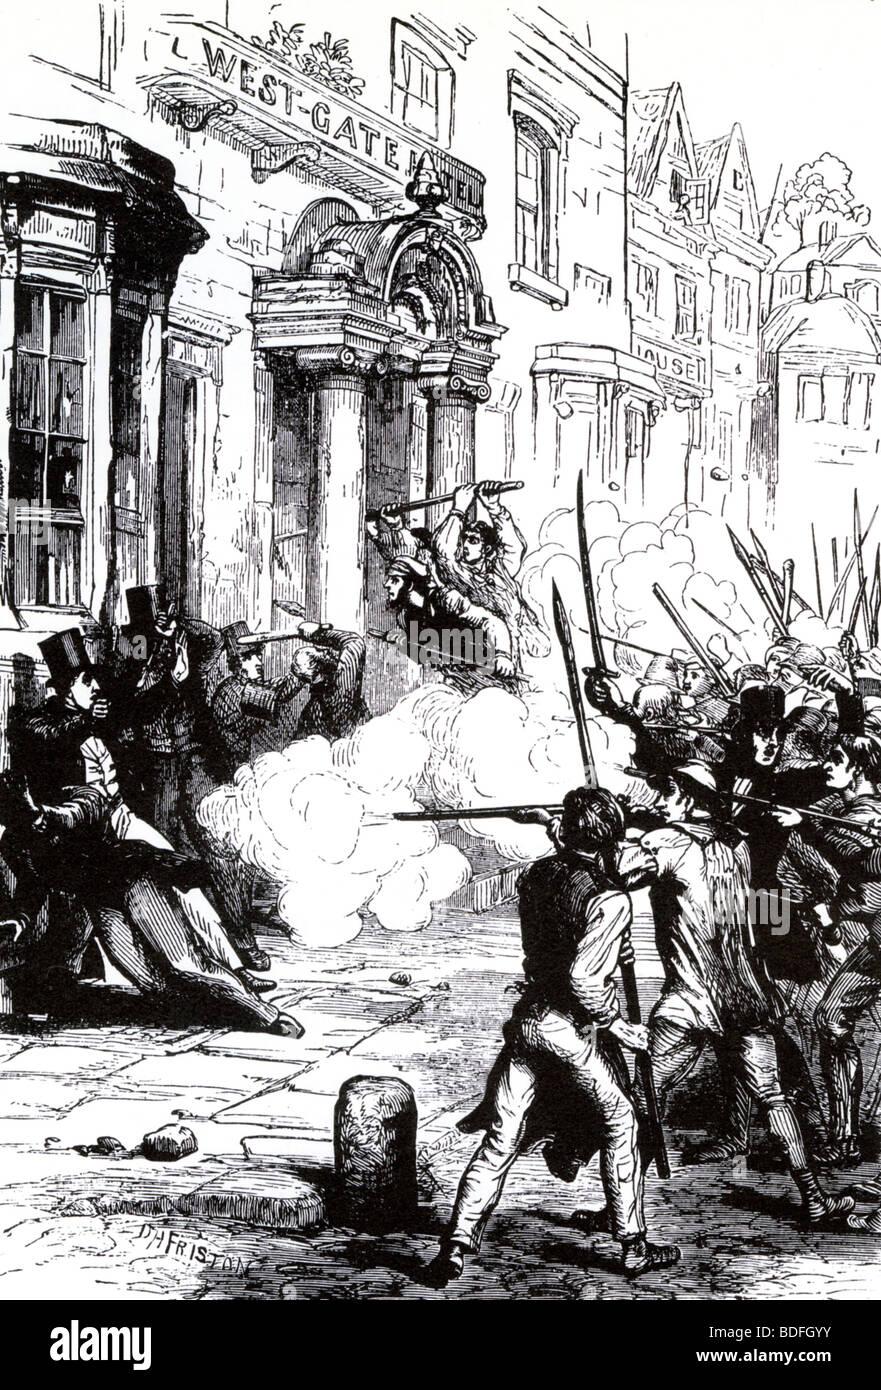 CHARTISTEN - bewaffneten Aufstand Newport, Wales, November 1839, versucht, ihren inhaftierten Führer Harry Stockbild